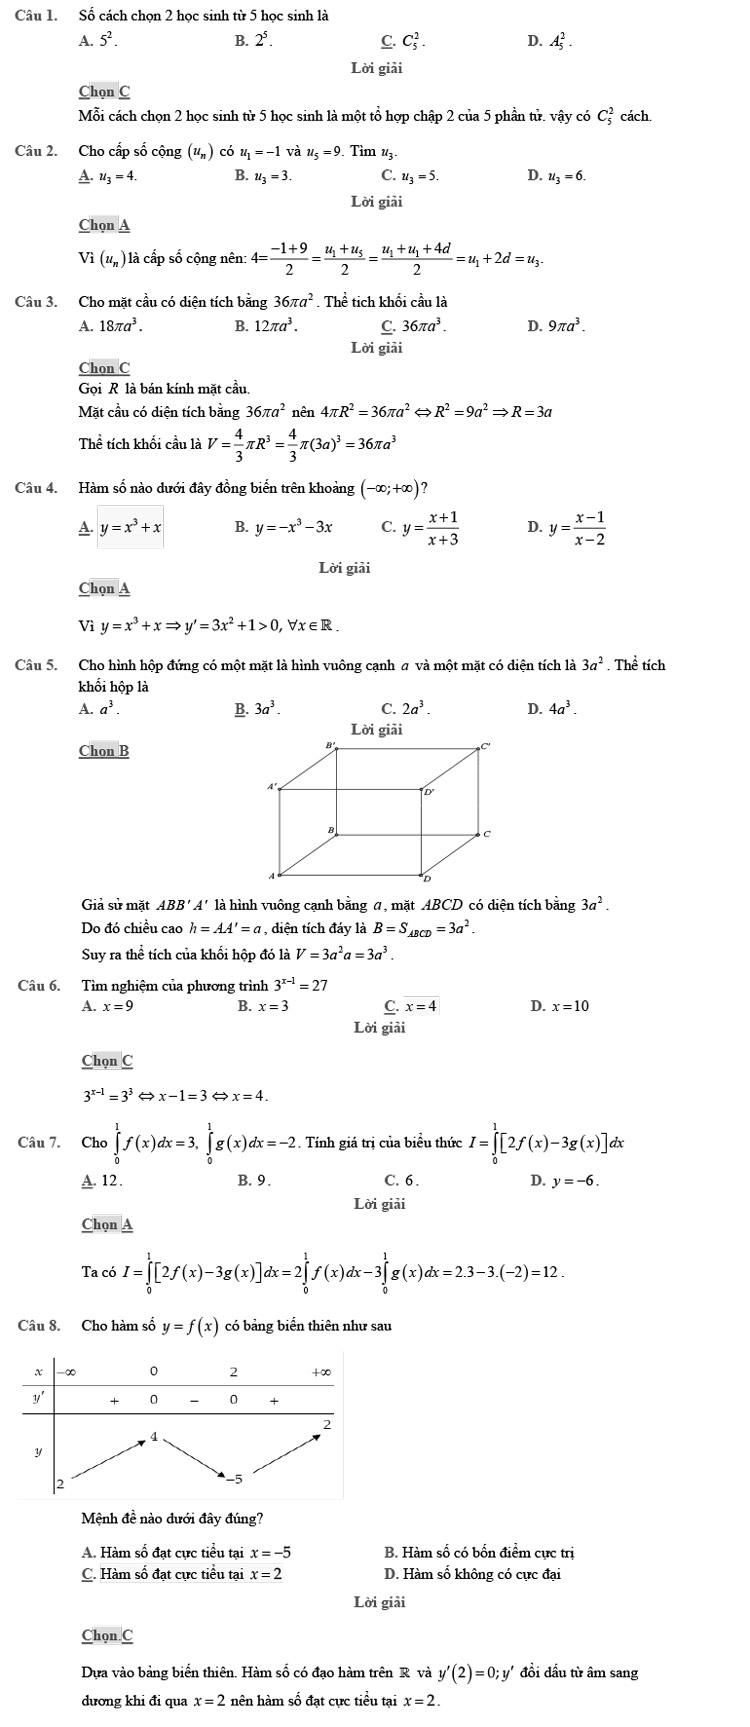 giải đề thi thử môn Toán 2020 phát triển theo đề minh họa số 4 trang 2